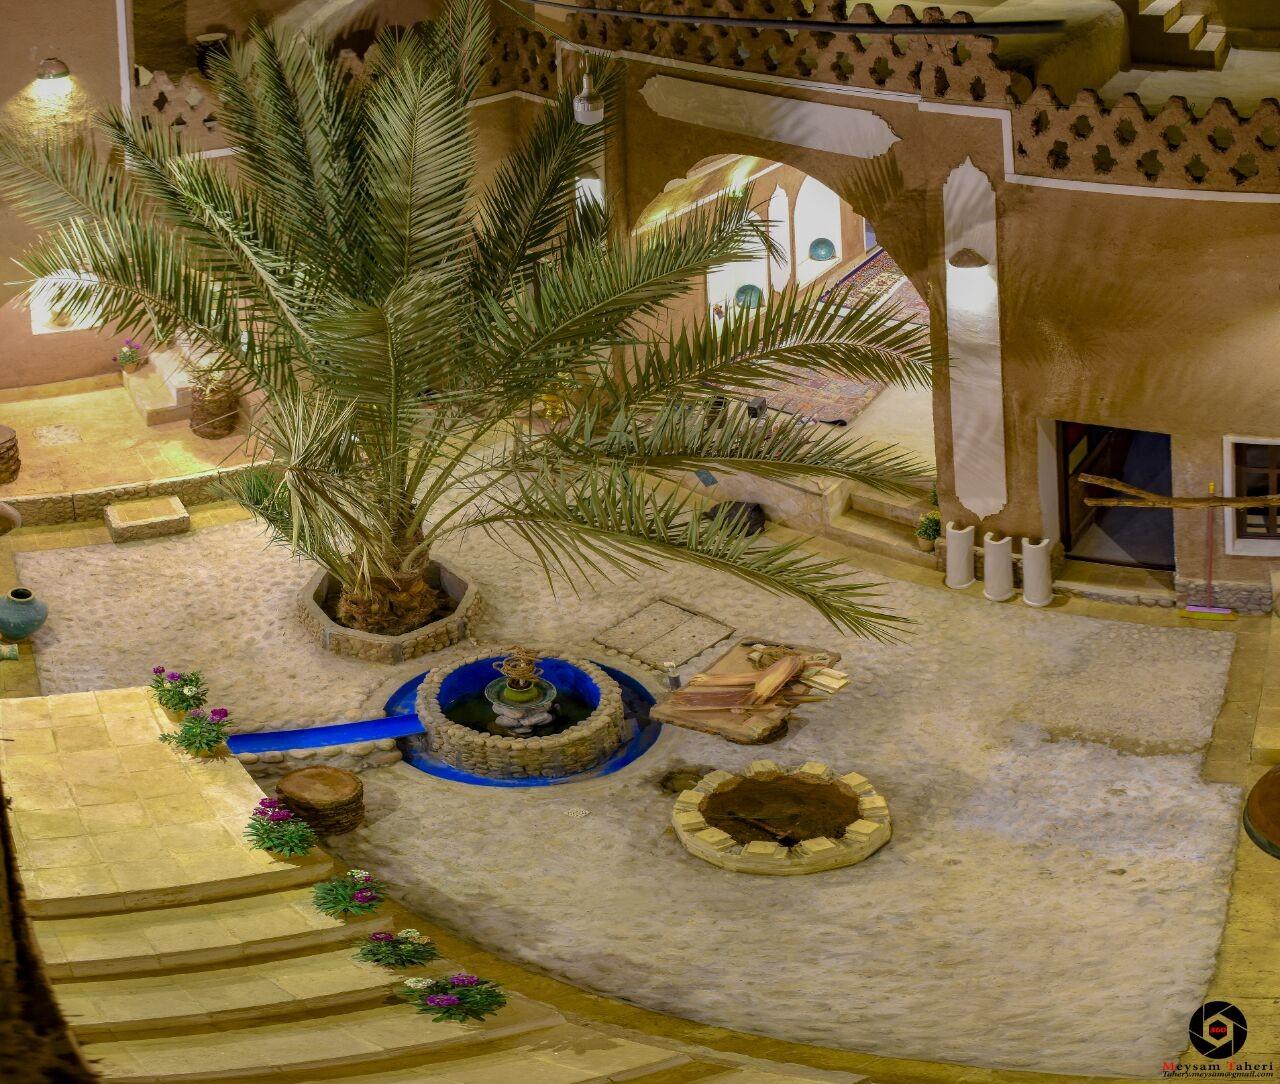 کویری بومگردی سنتی در خوروبیابانک اصفهان - اتاق11